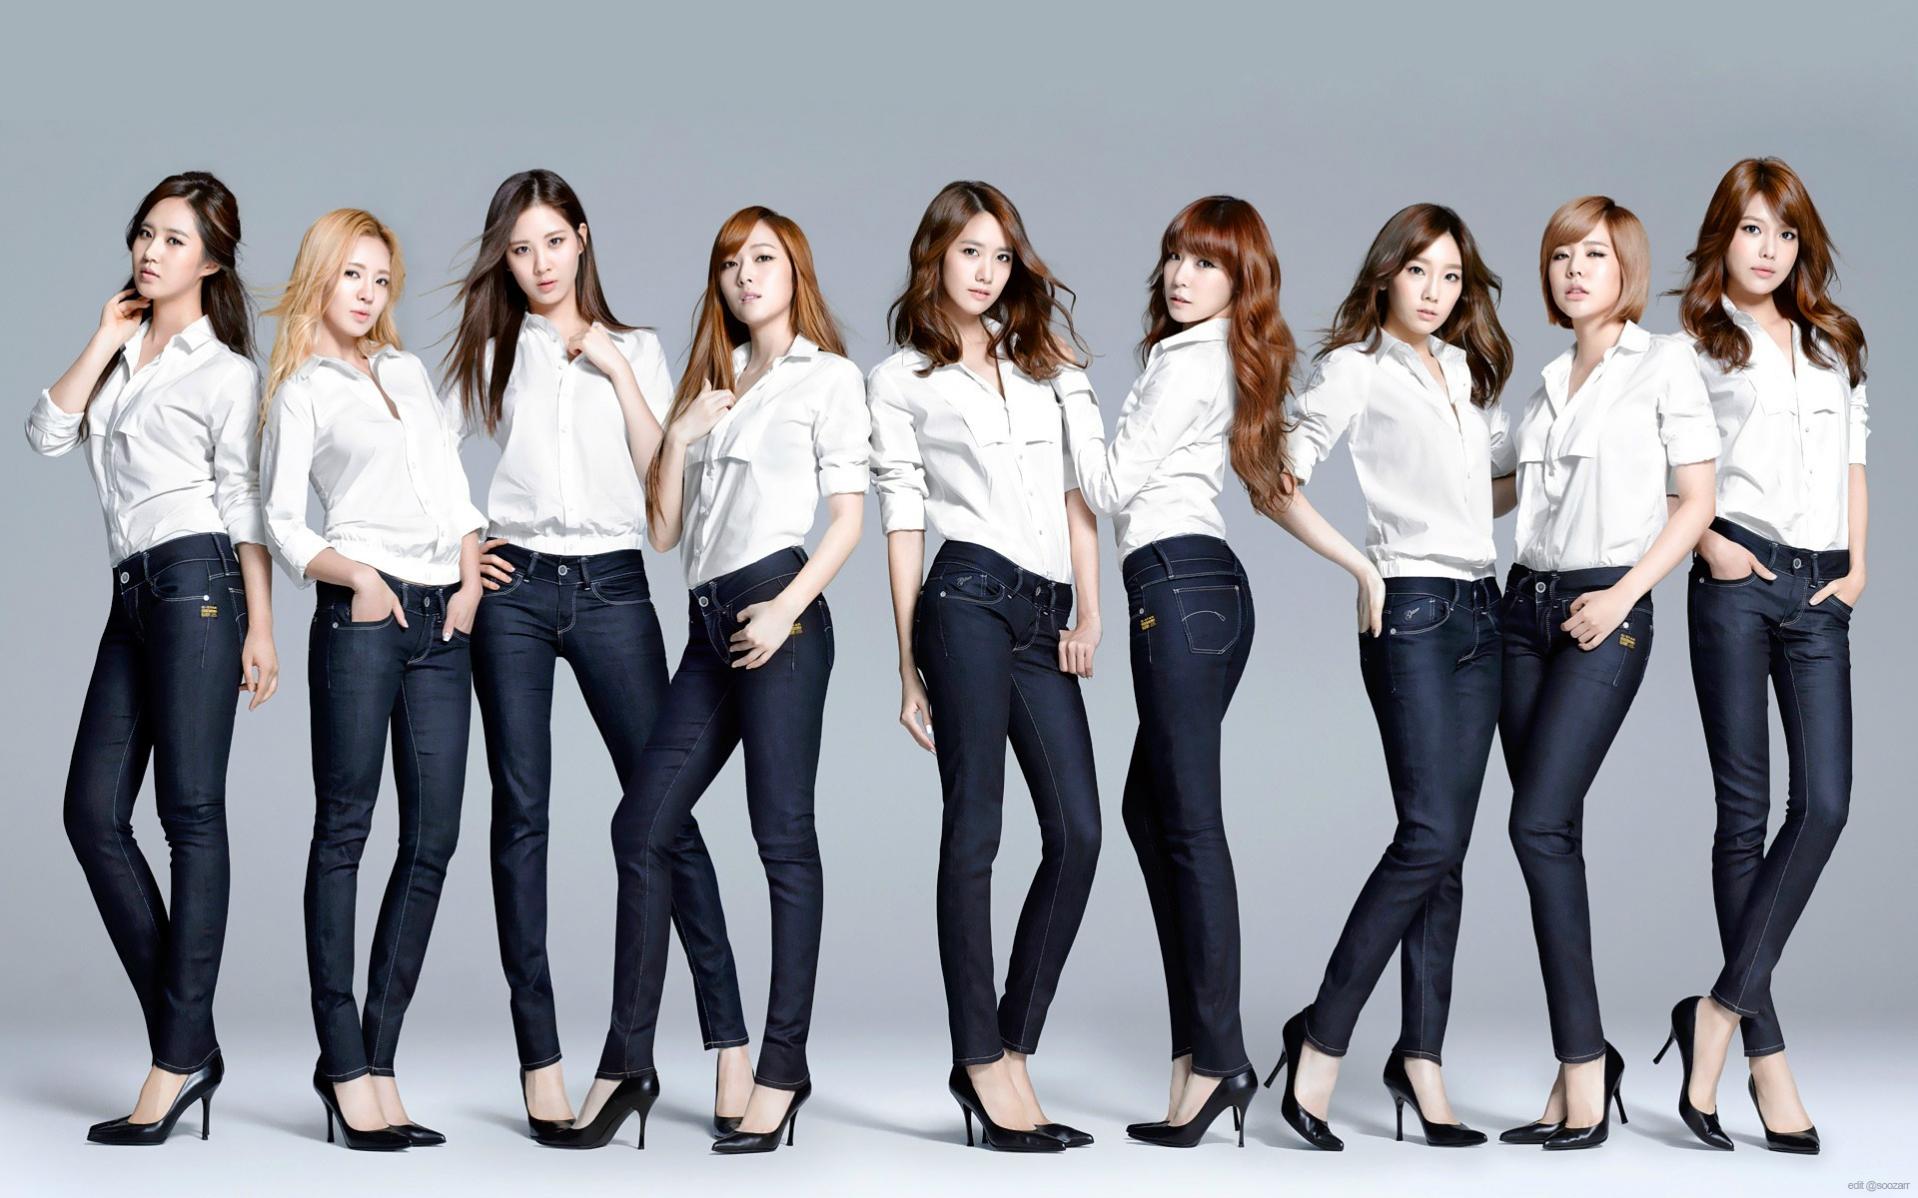 مدل های مختلف دخترها